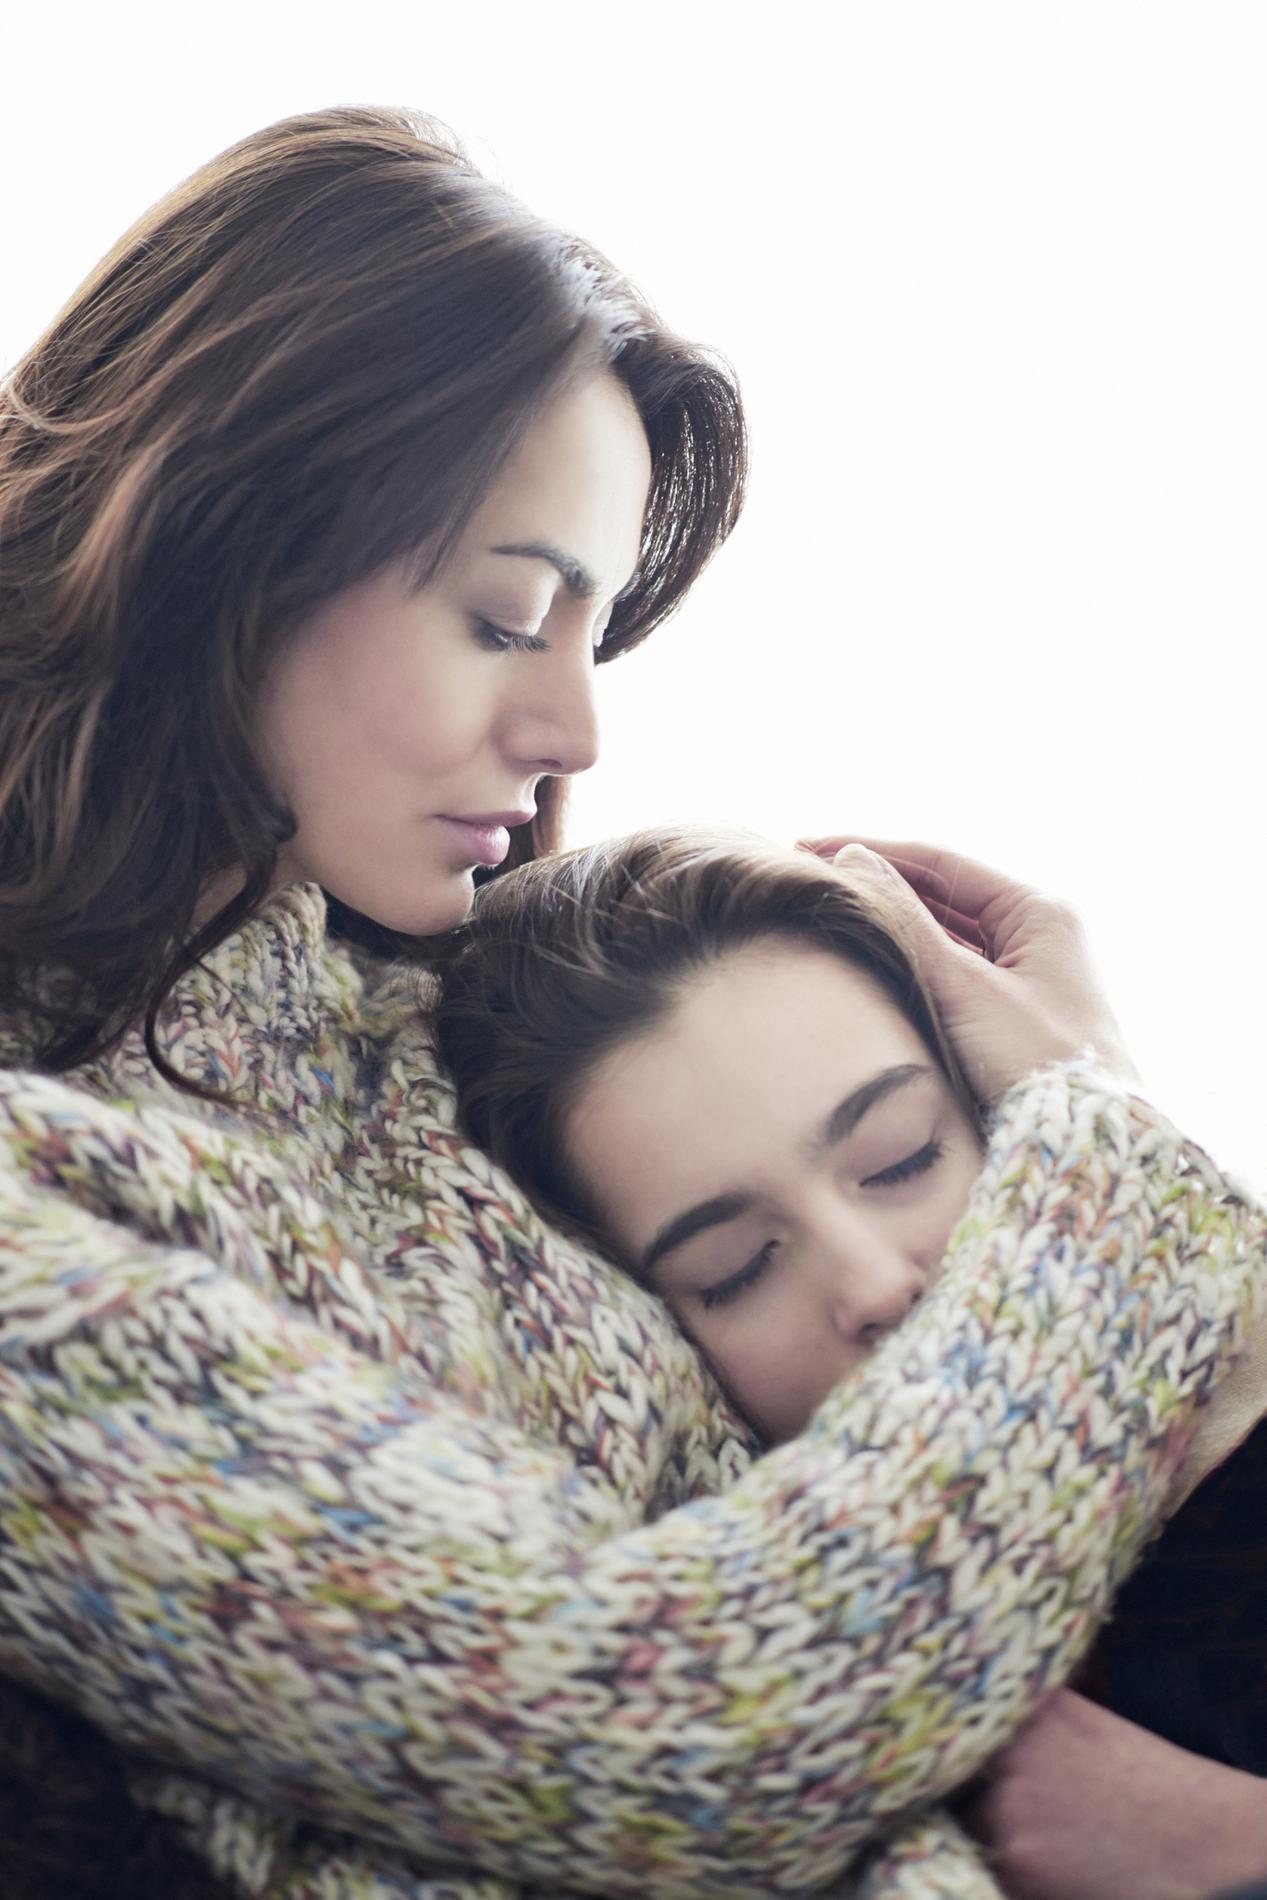 Problèmes de conseil aider l'adolescence